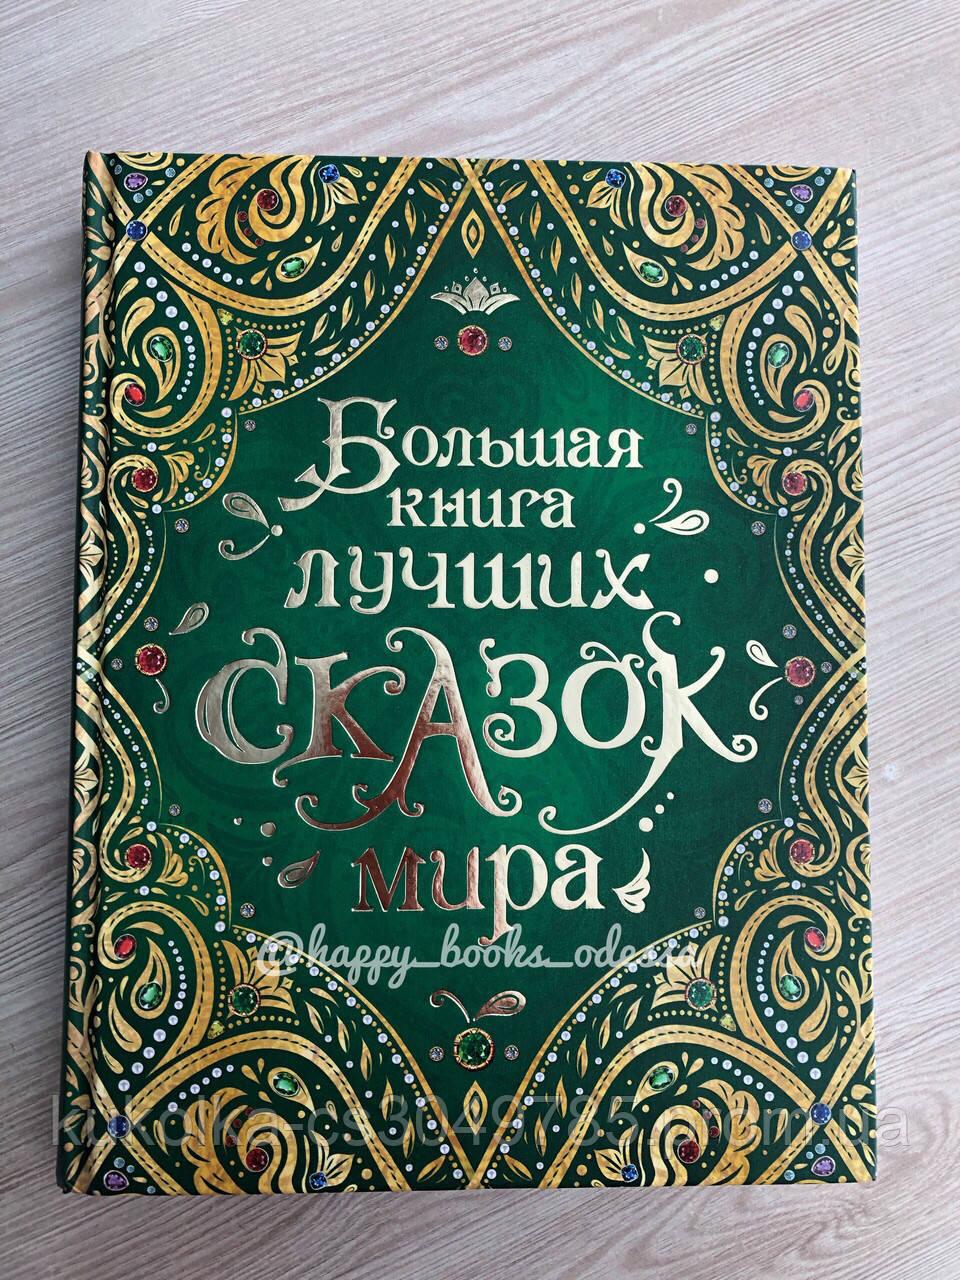 """"""" Большая книга лучших сказок мира """", фото 1"""